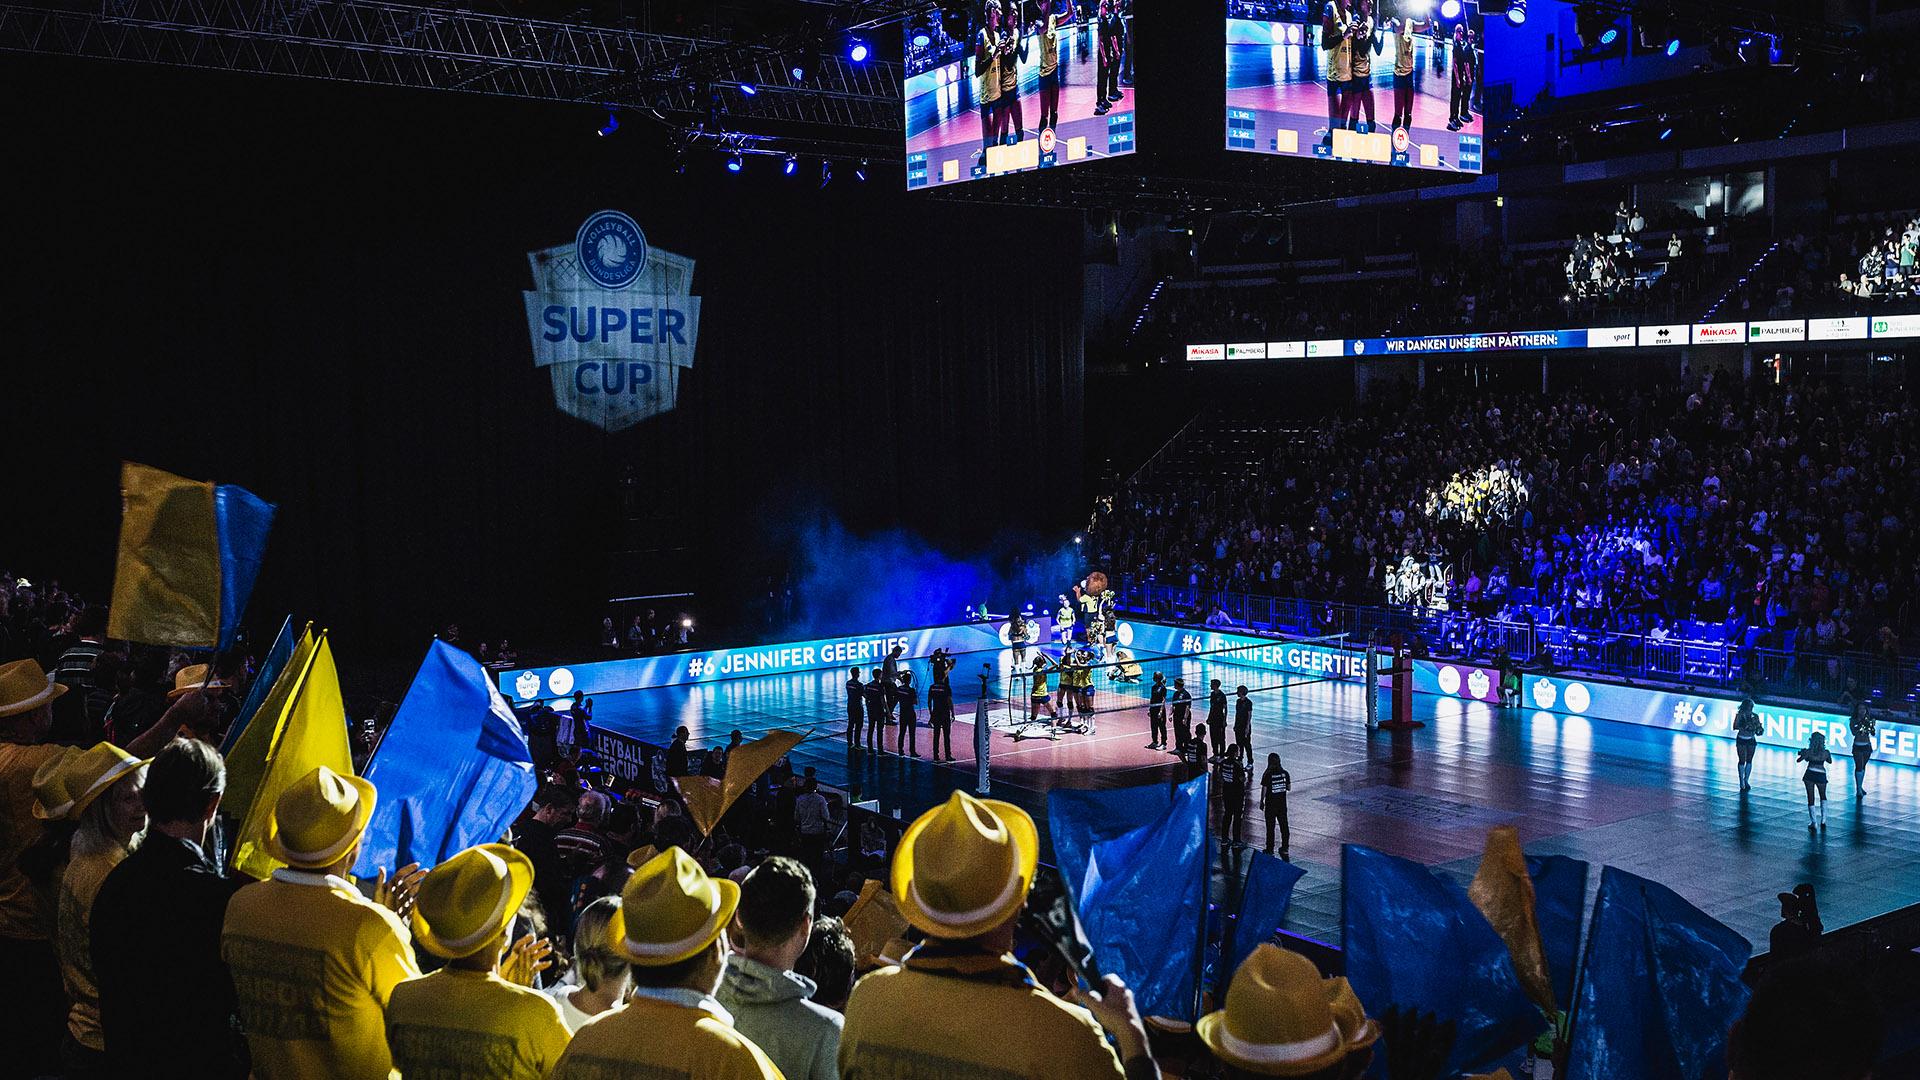 Supercup in Hannover war großartiges Volleyballerlebnis